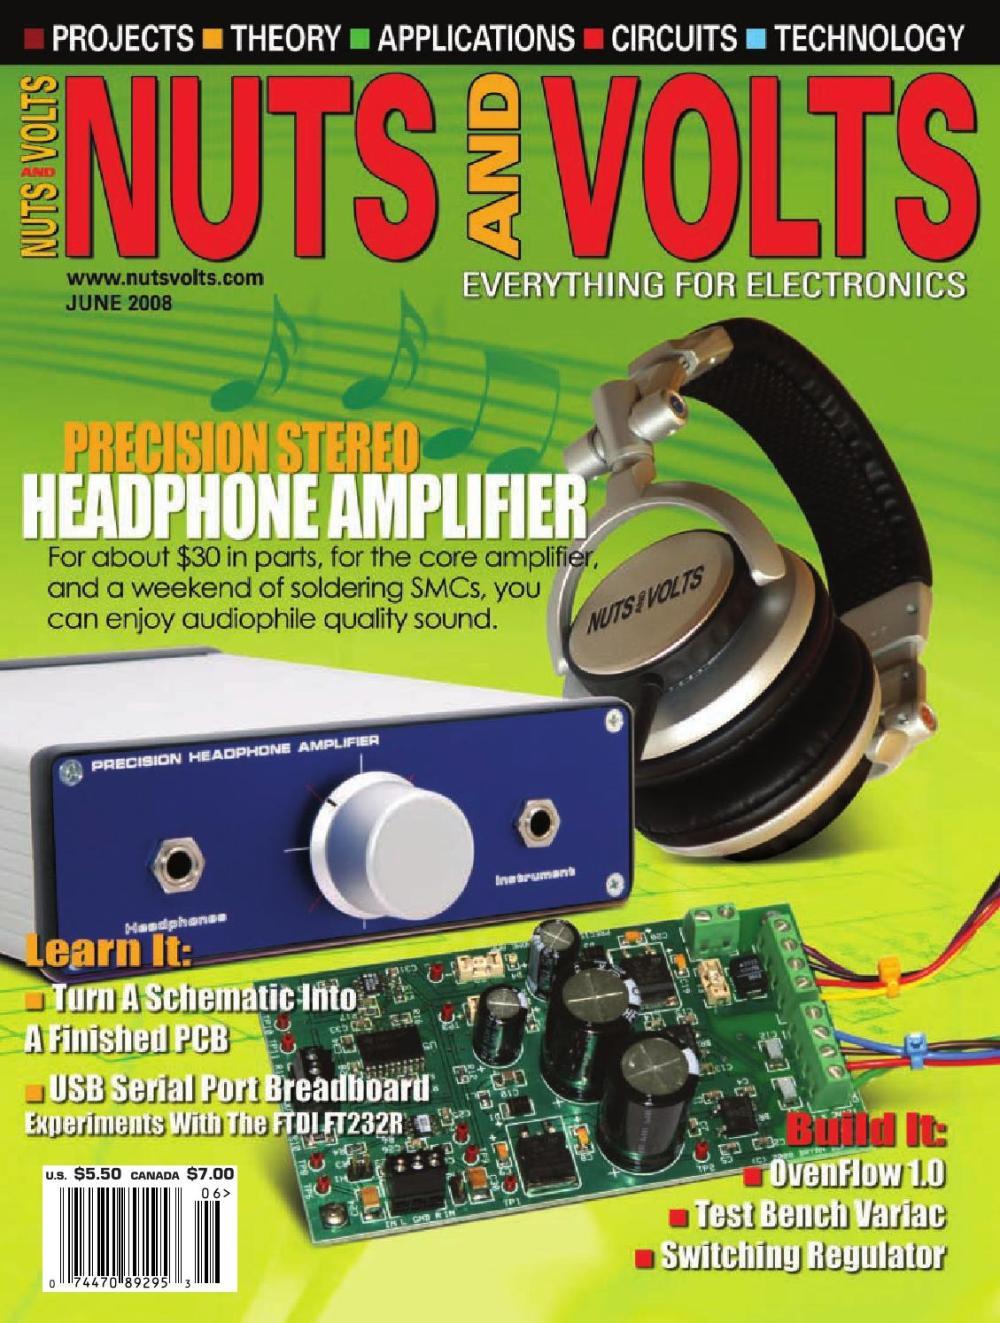 medium resolution of nuts volts